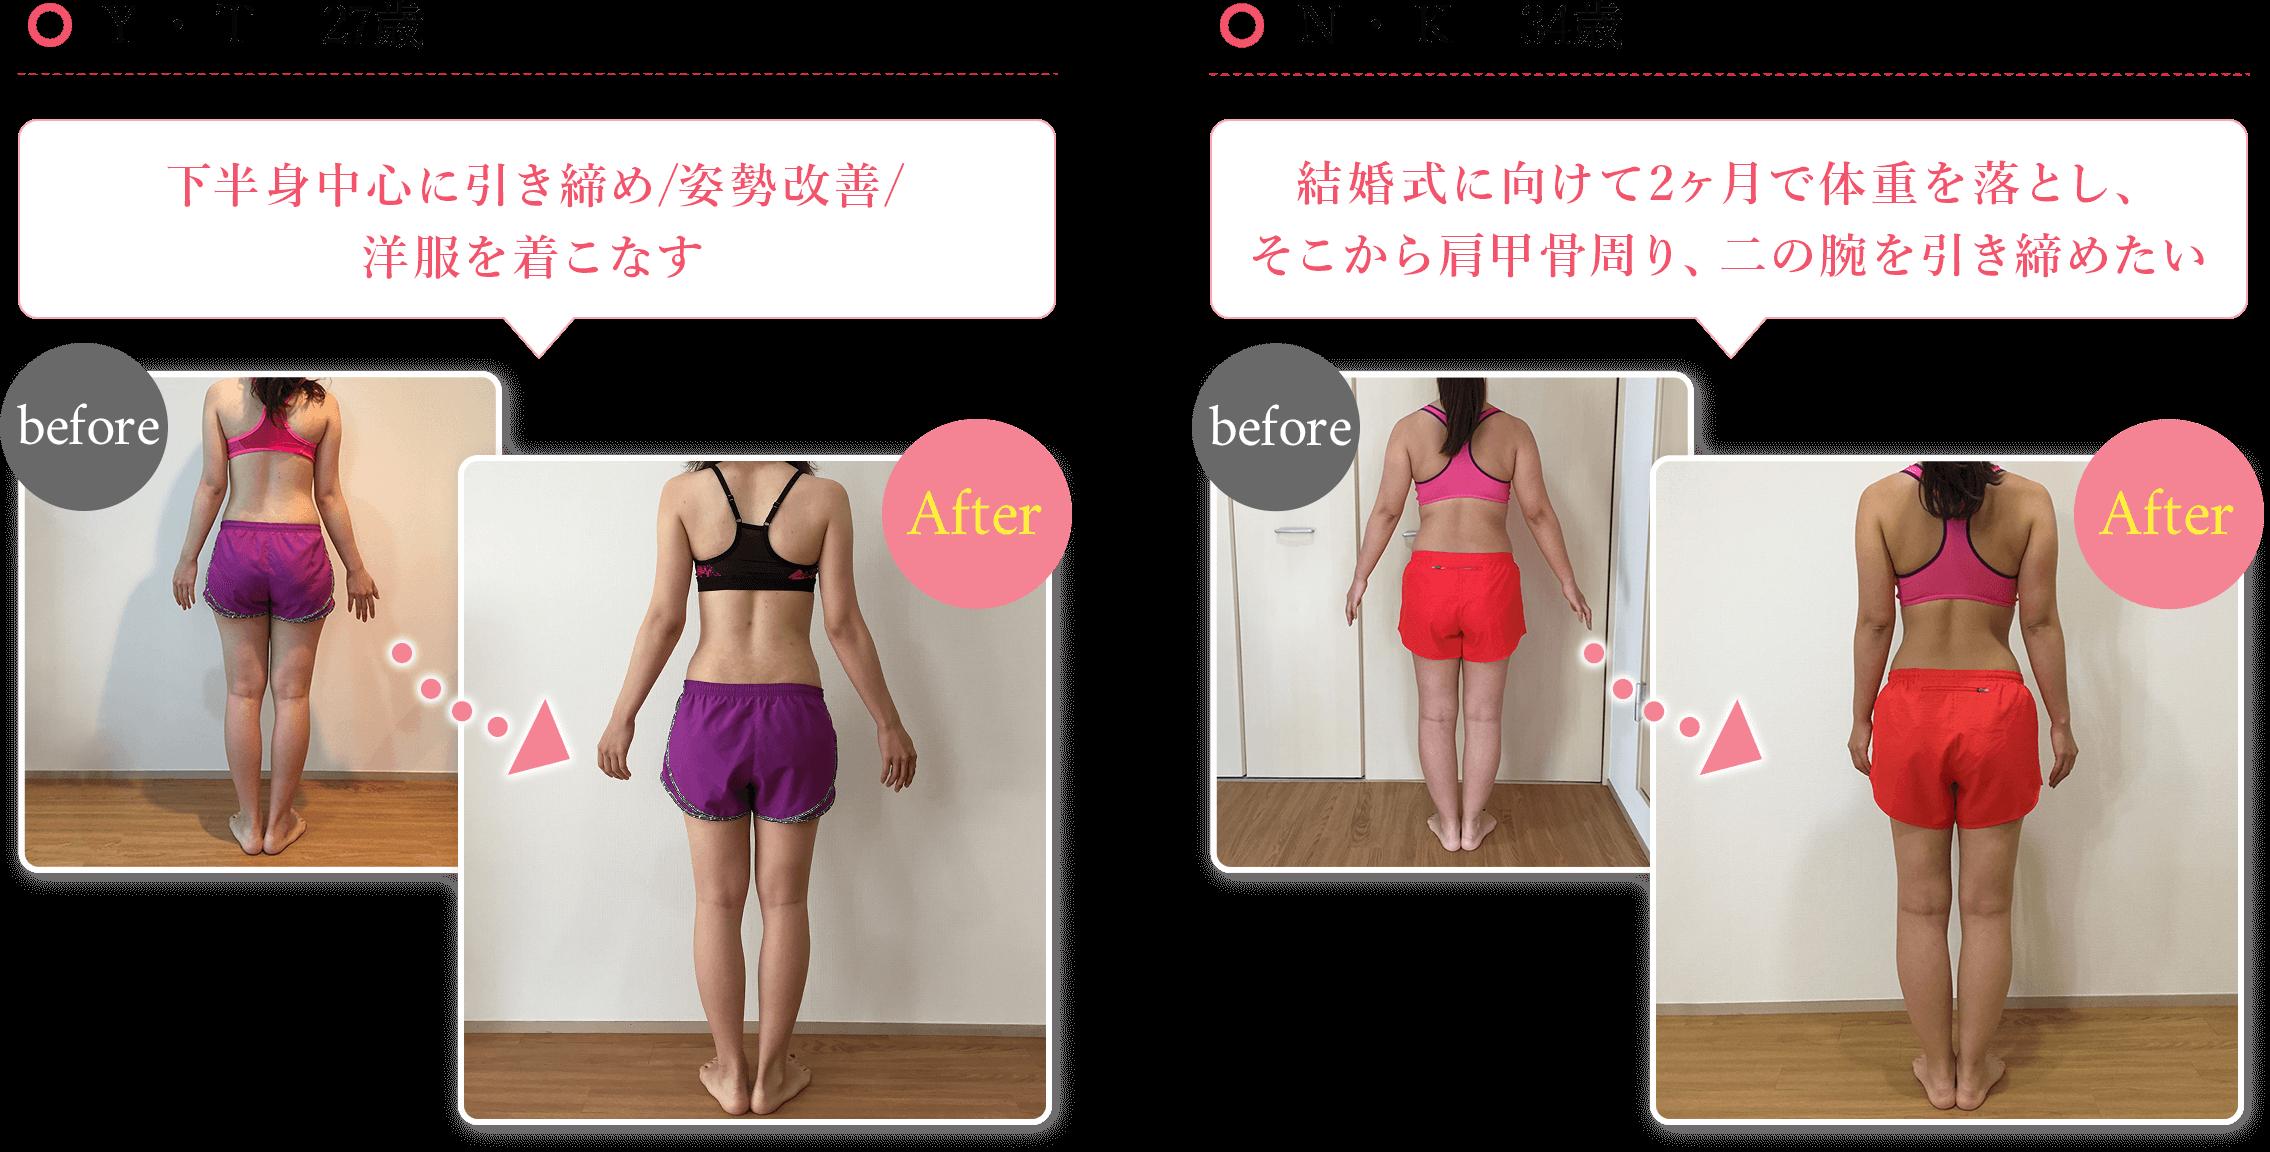 上野のパーソナルジムで痩せたお客様のダイエットトレーニング事例